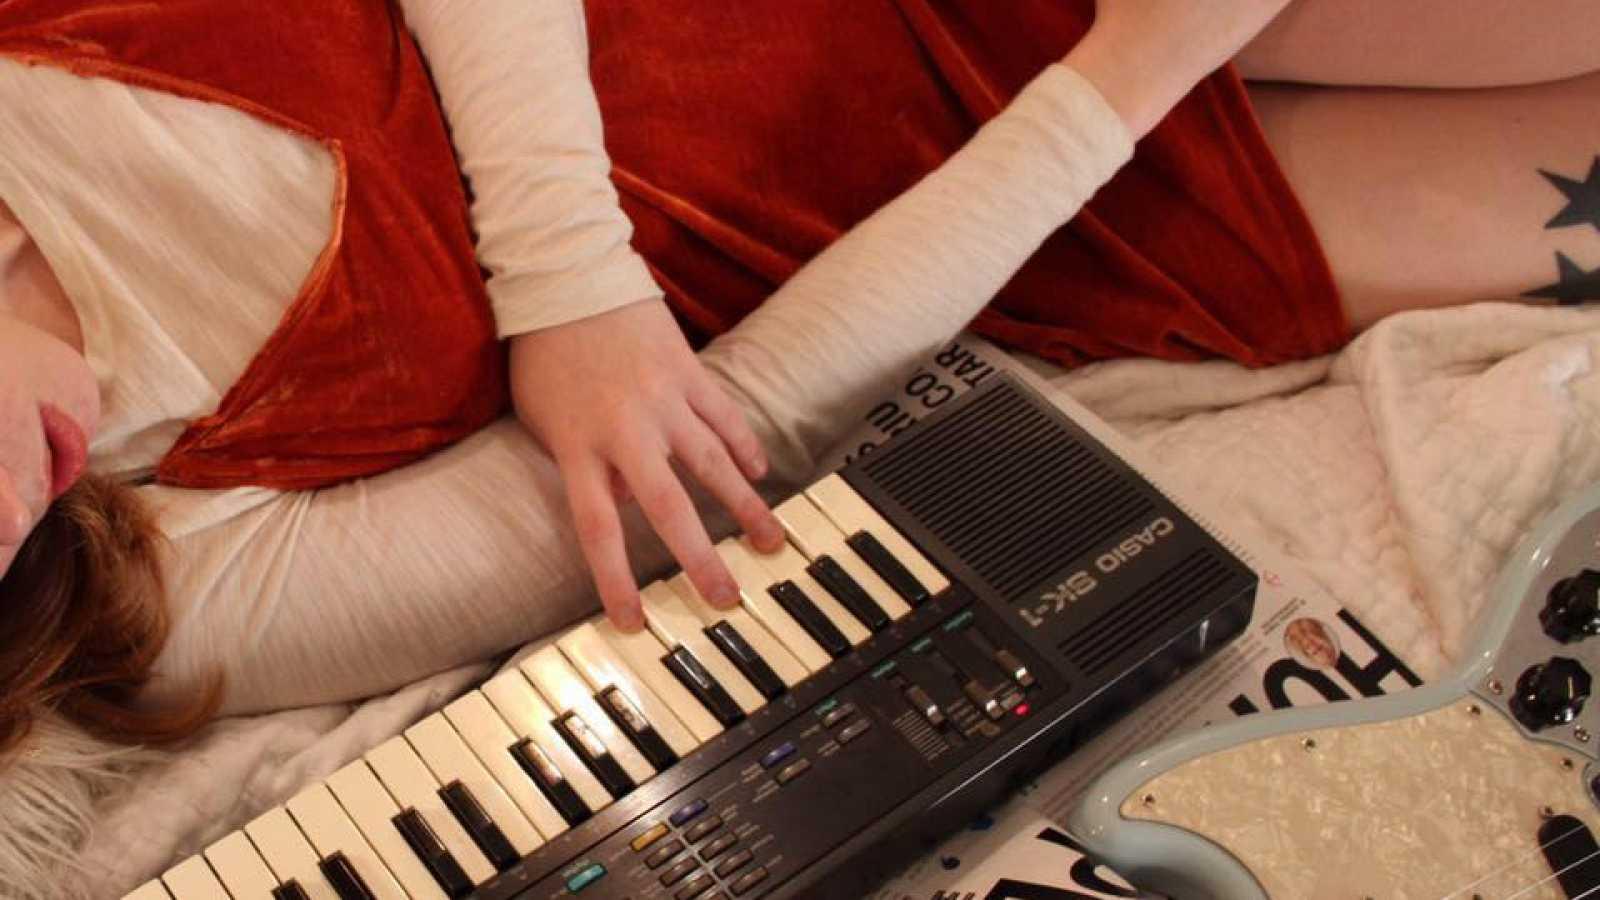 Na Na Na - Bedroom pop: el sonido de la generación Z - 21/04/19 - escuchar ahora